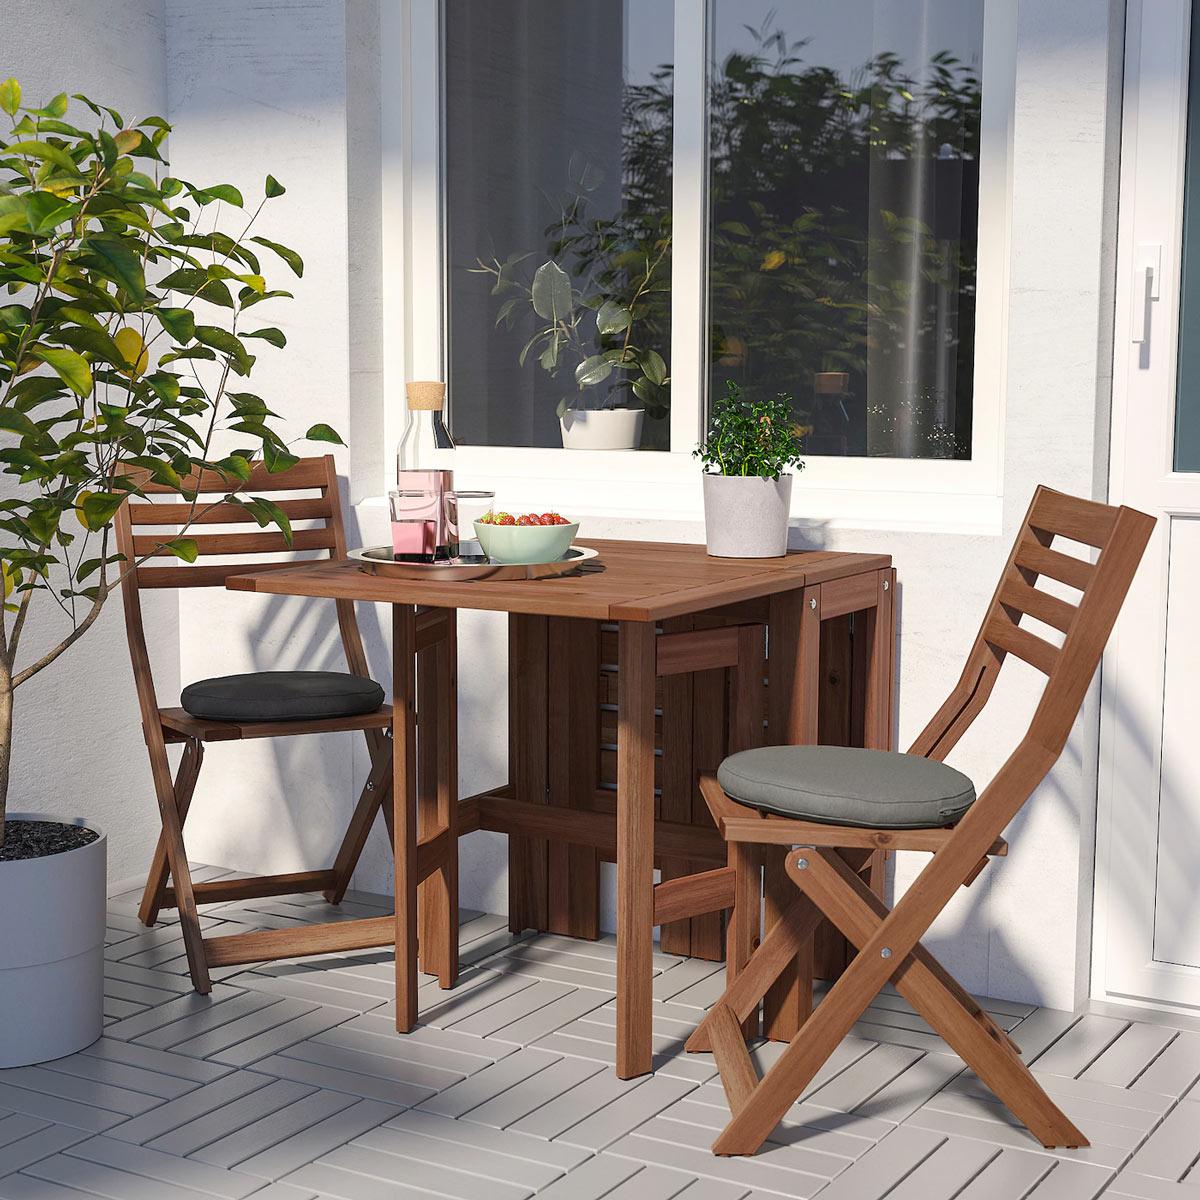 Arredare Il Balcone Ikea 13 soluzioni ikea per il balcone piccolo! ispiratevi